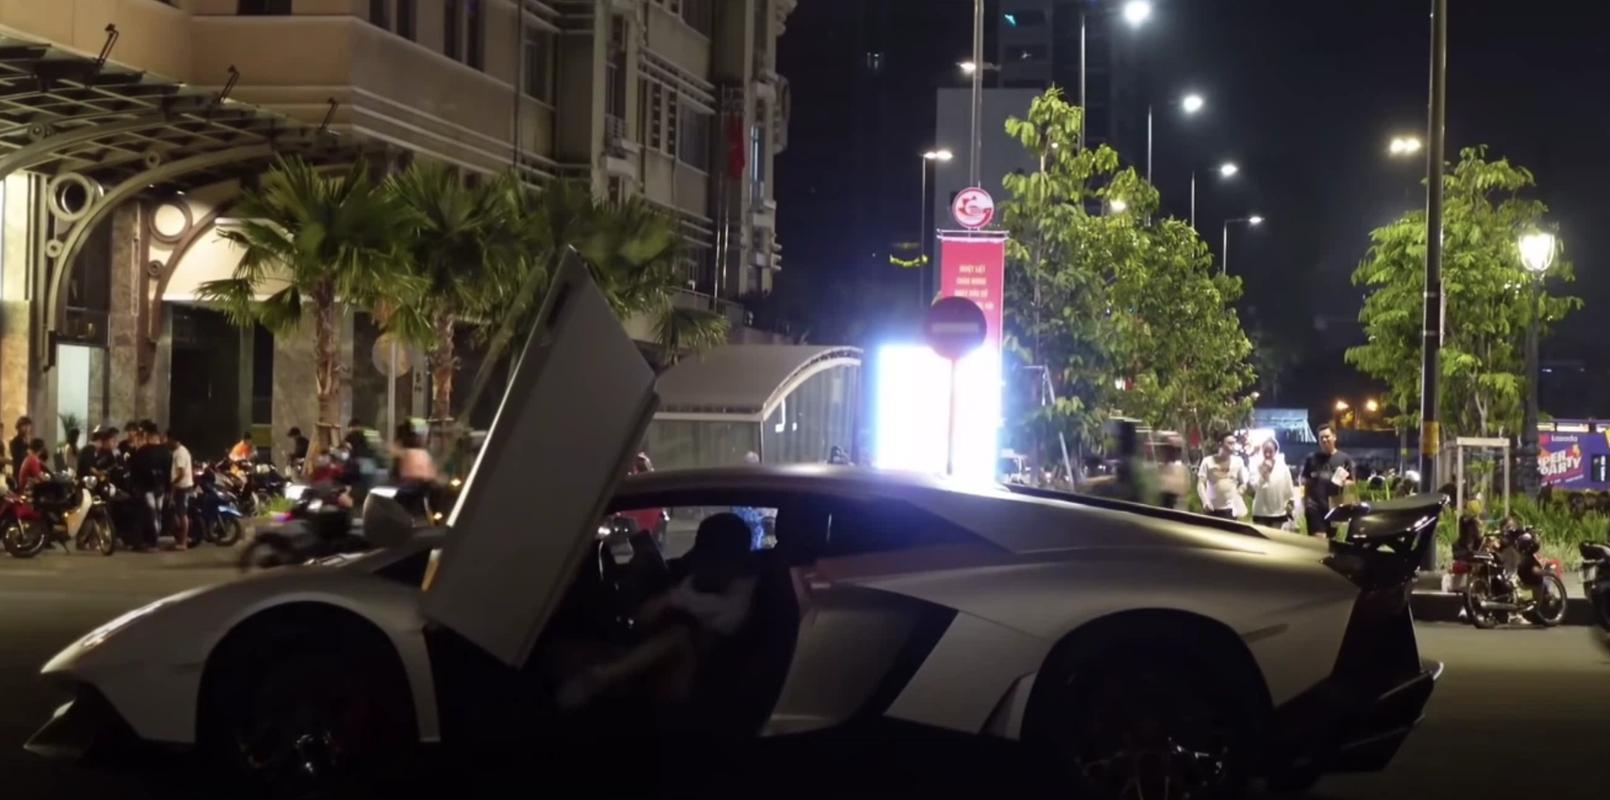 """Lai sieu xe di an com tam, nu rich kid khien netizen """"choang""""-Hinh-5"""